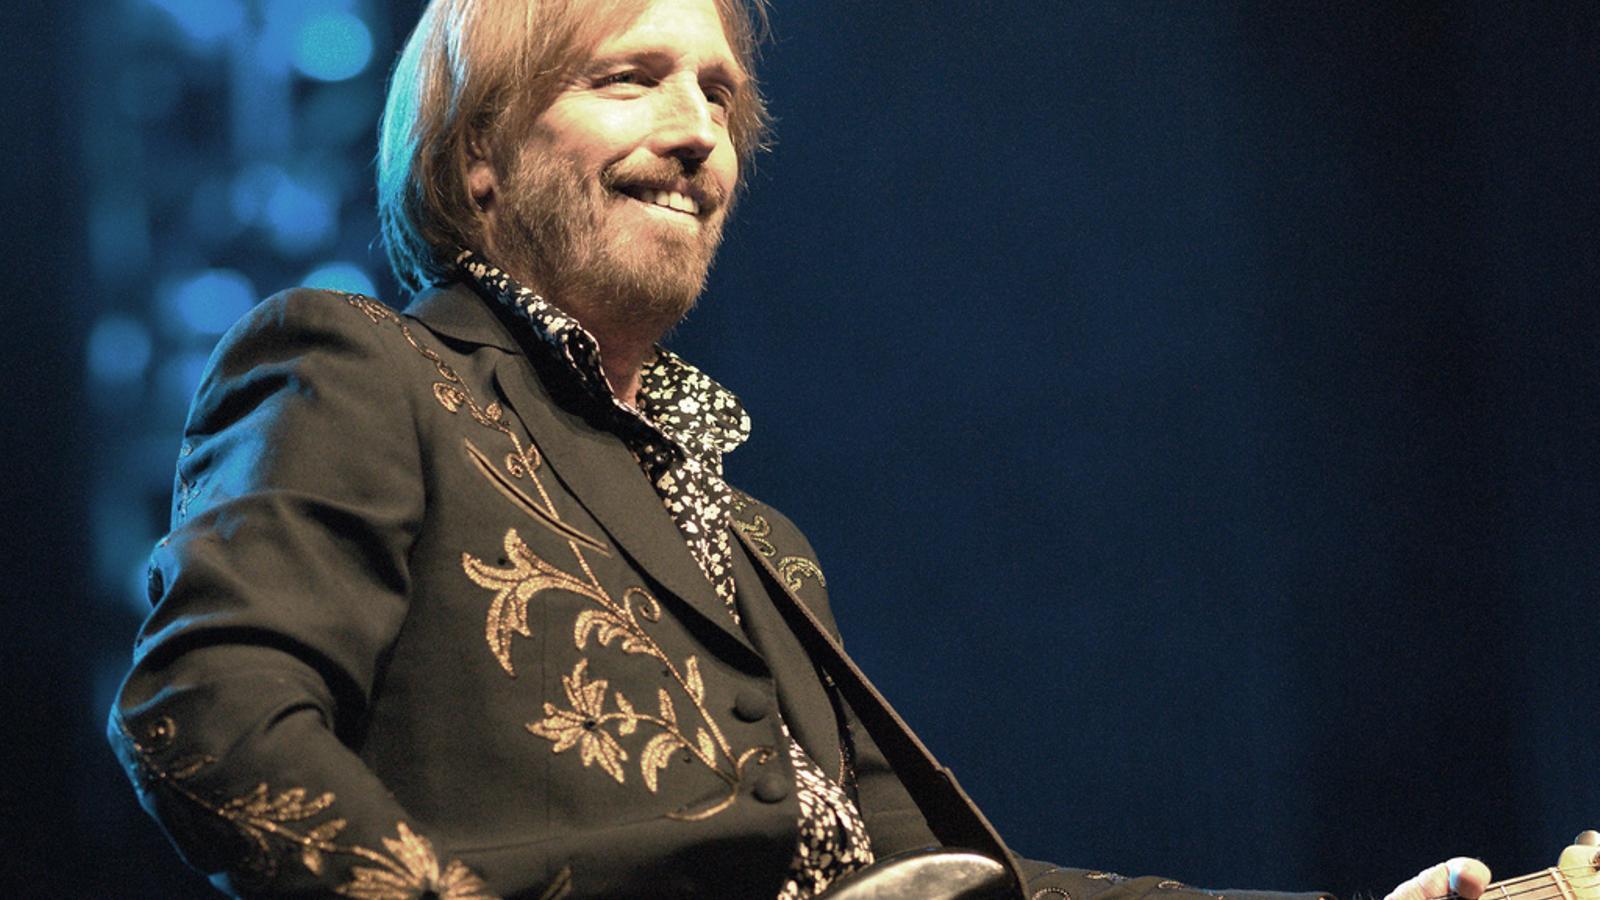 El cantant Tom Petty en un concert del juny del 2010 a Rússia